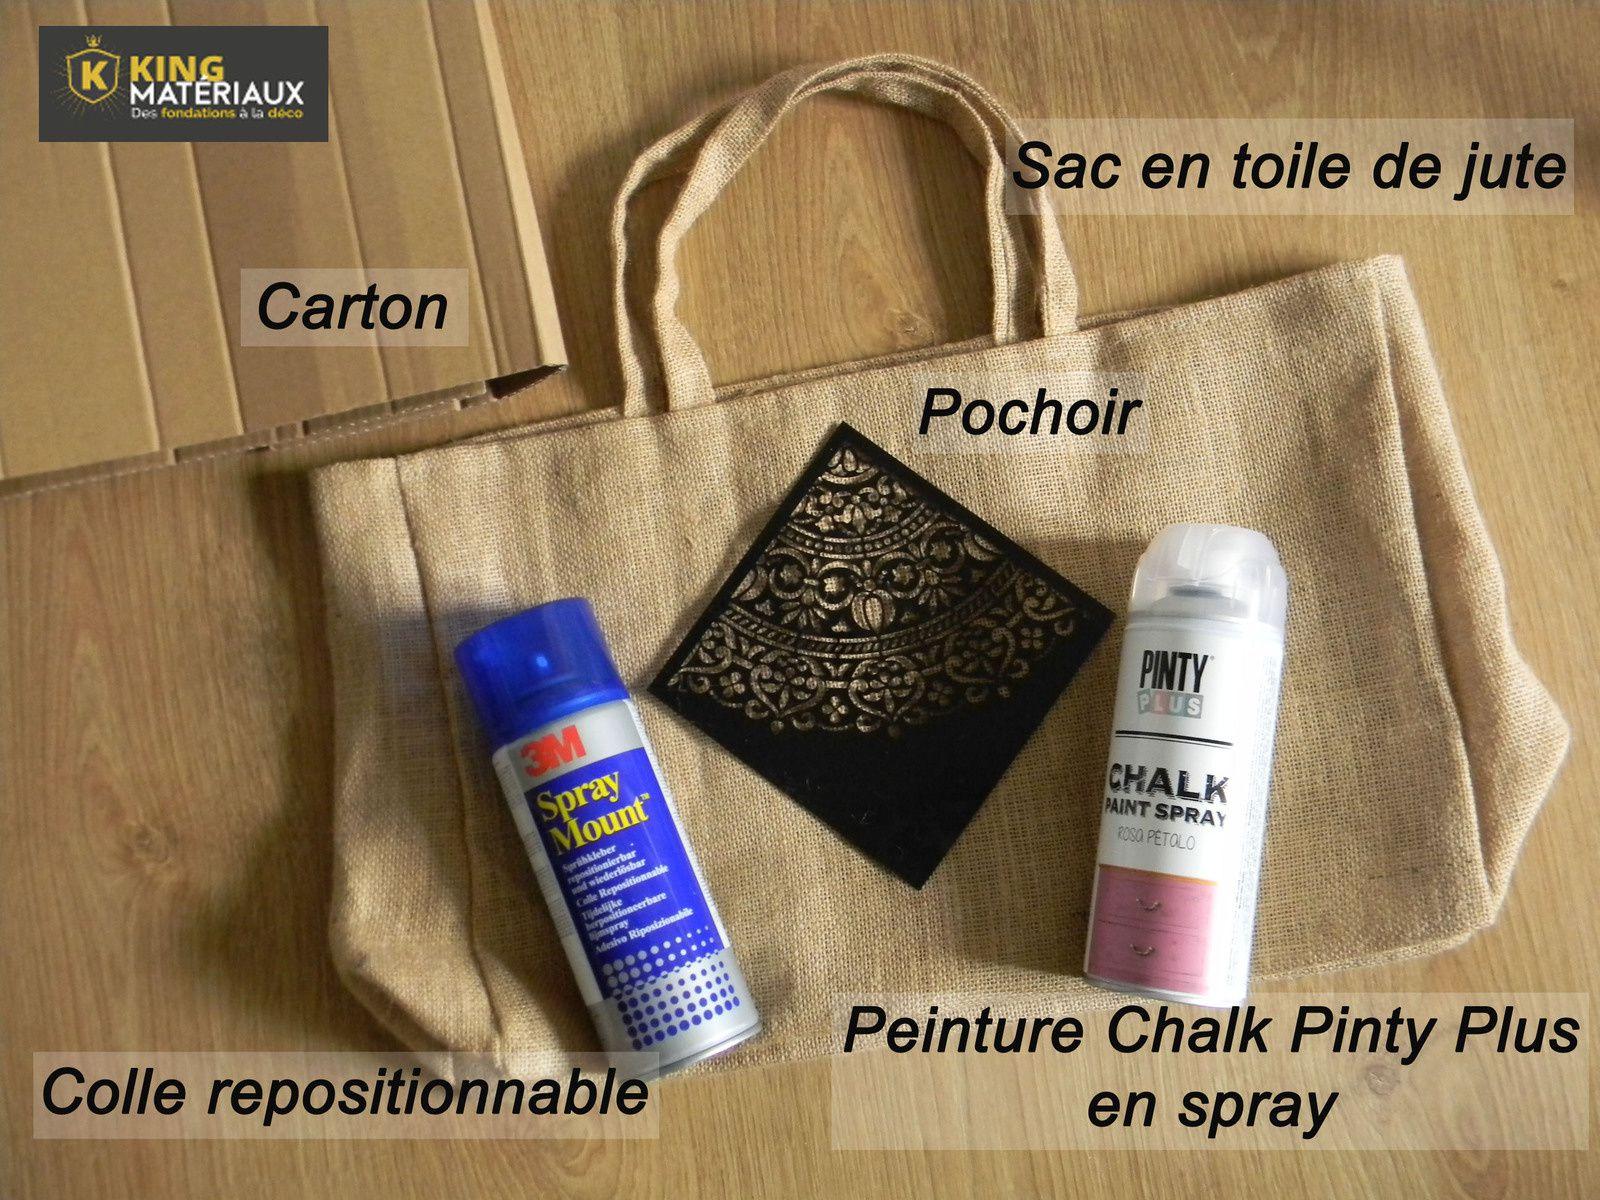 diy peinture la craie sur sac en toile de jute crealoutre. Black Bedroom Furniture Sets. Home Design Ideas